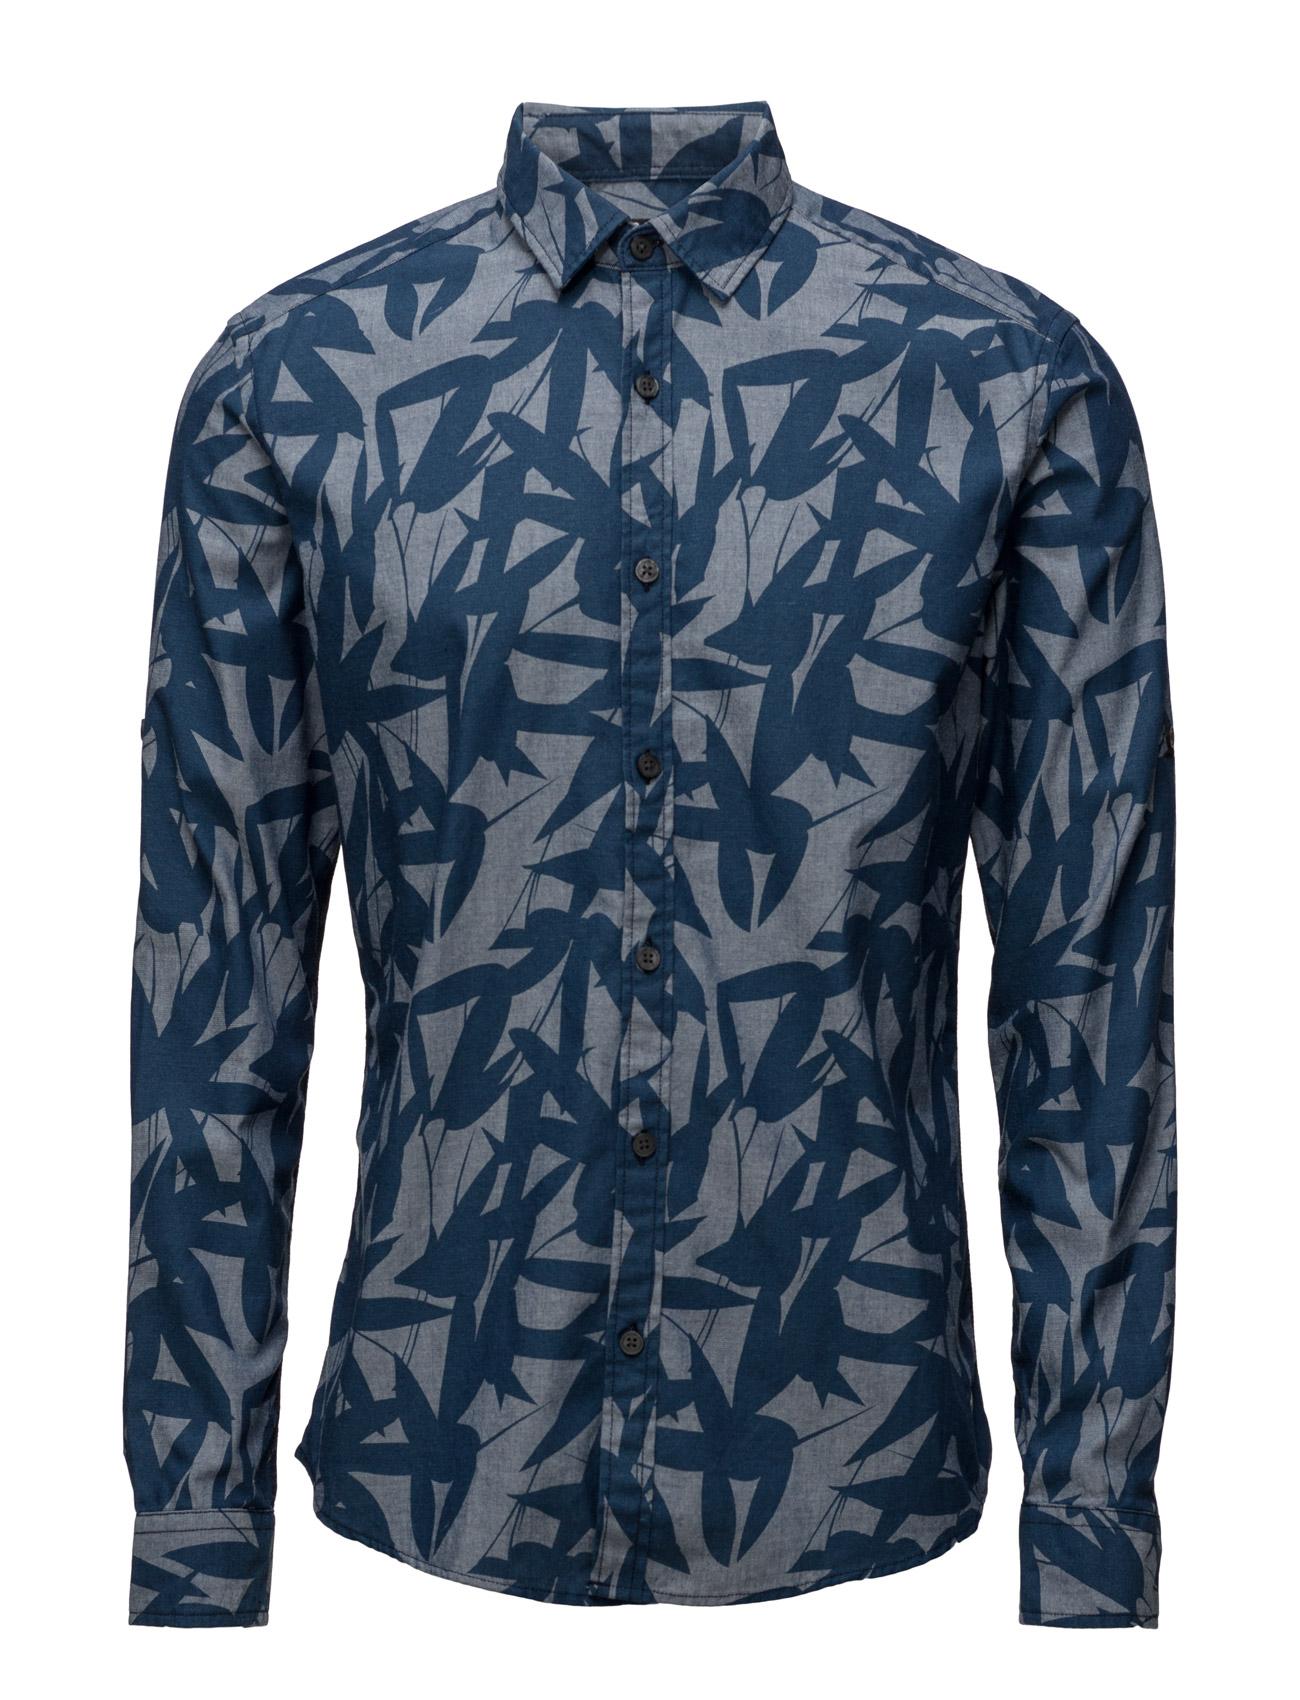 Shirts Woven Esprit Casual Casual sko til Herrer i Navy blå